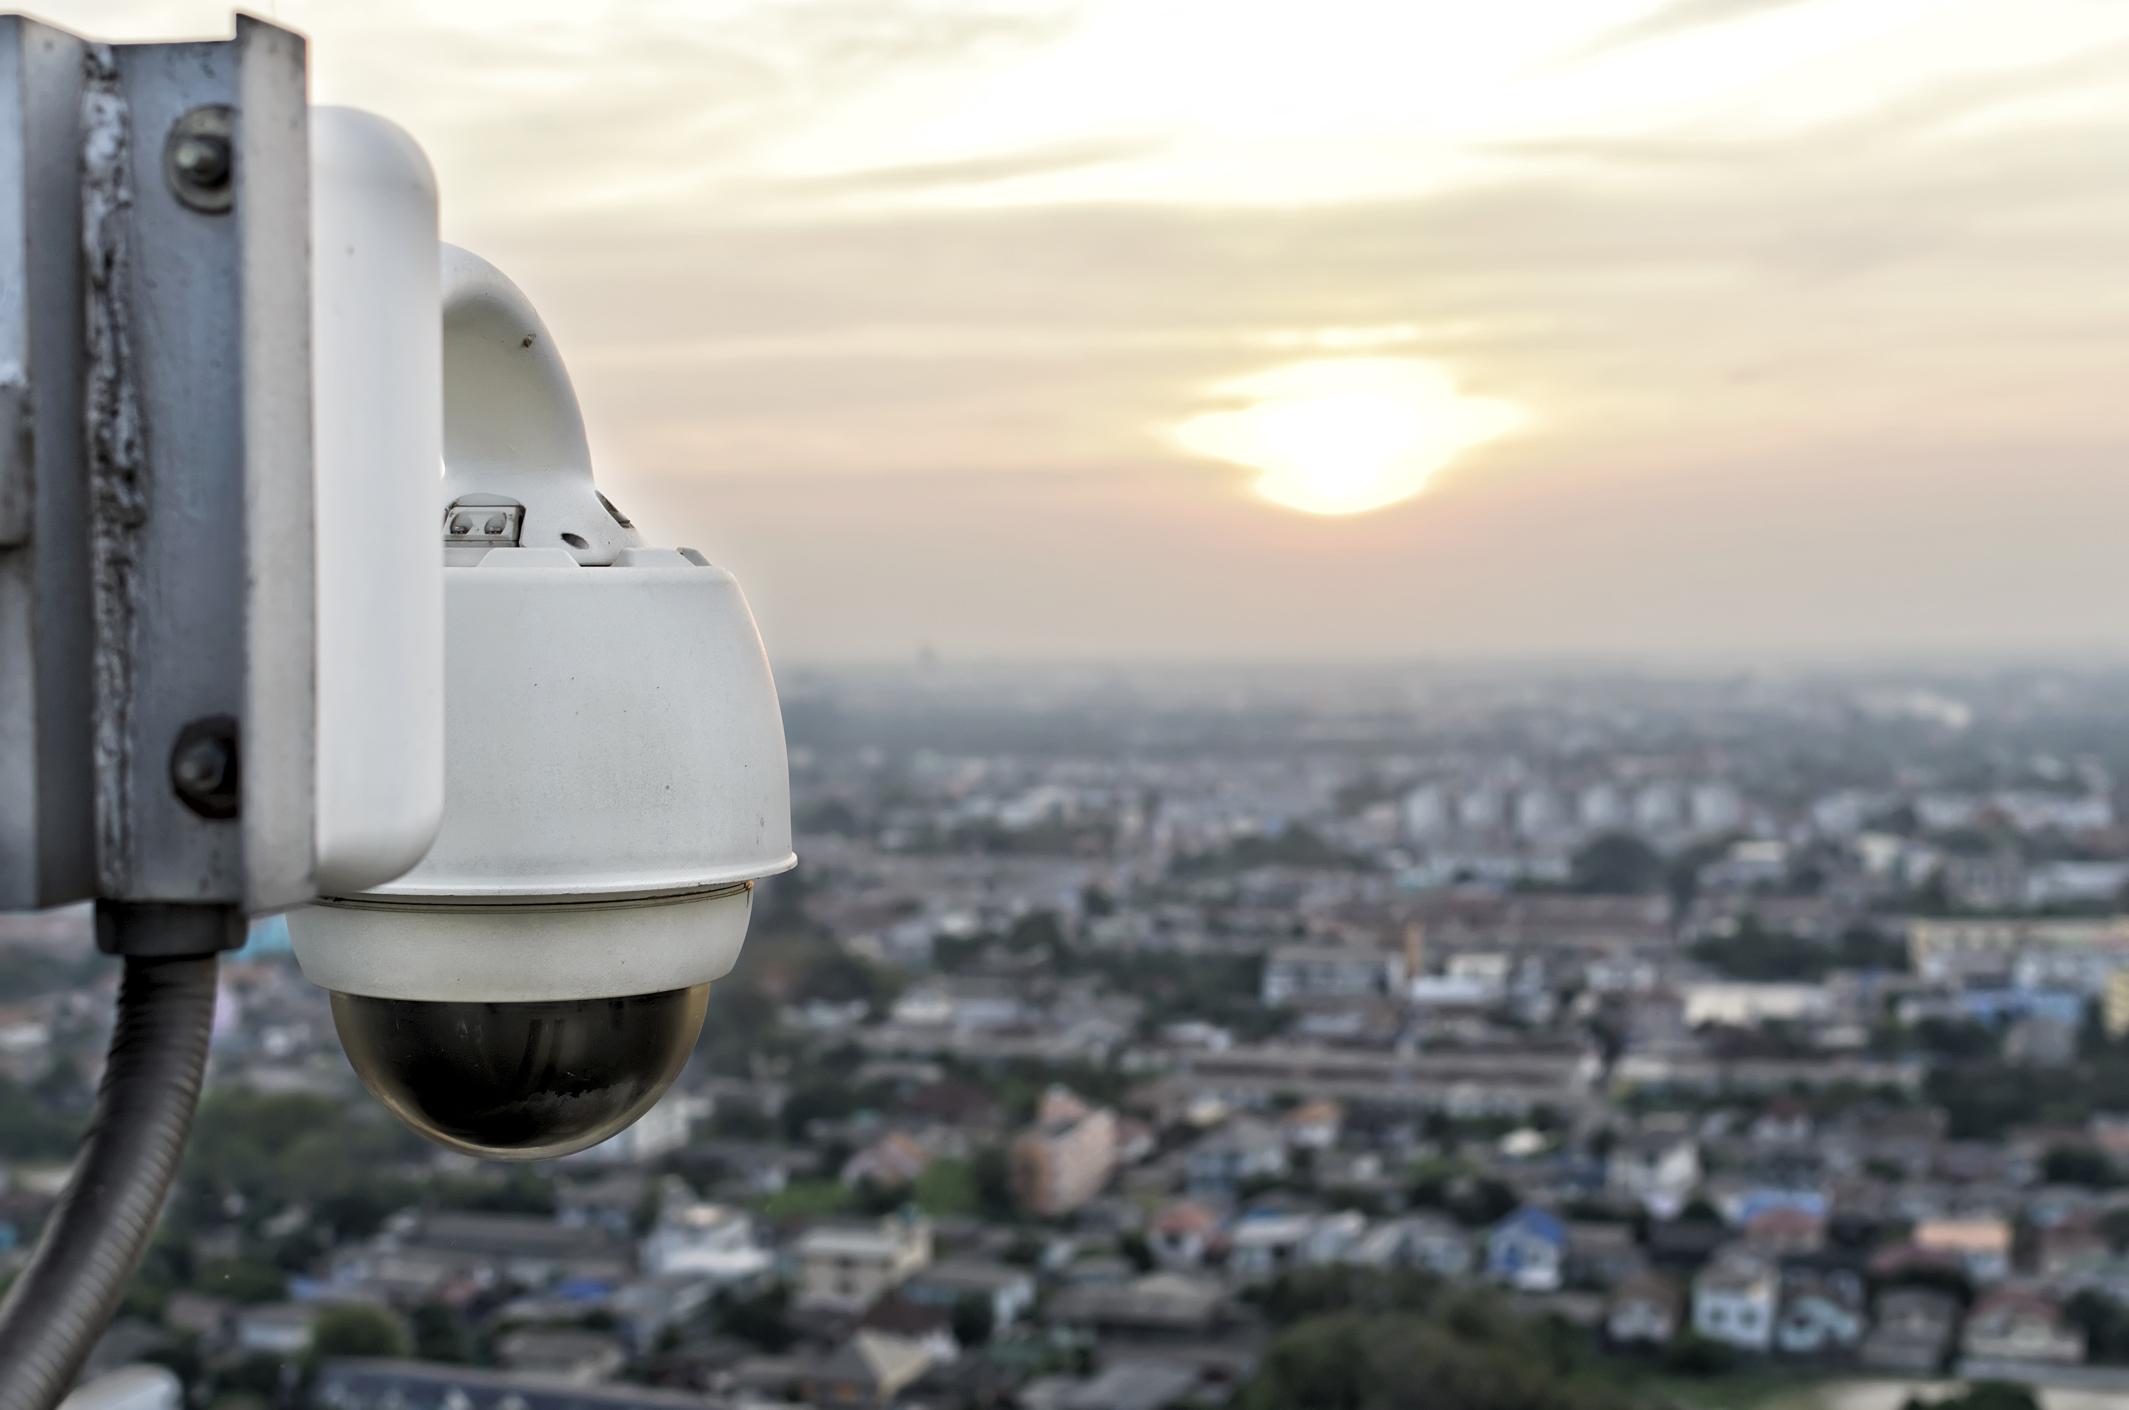 Wide area CCTV